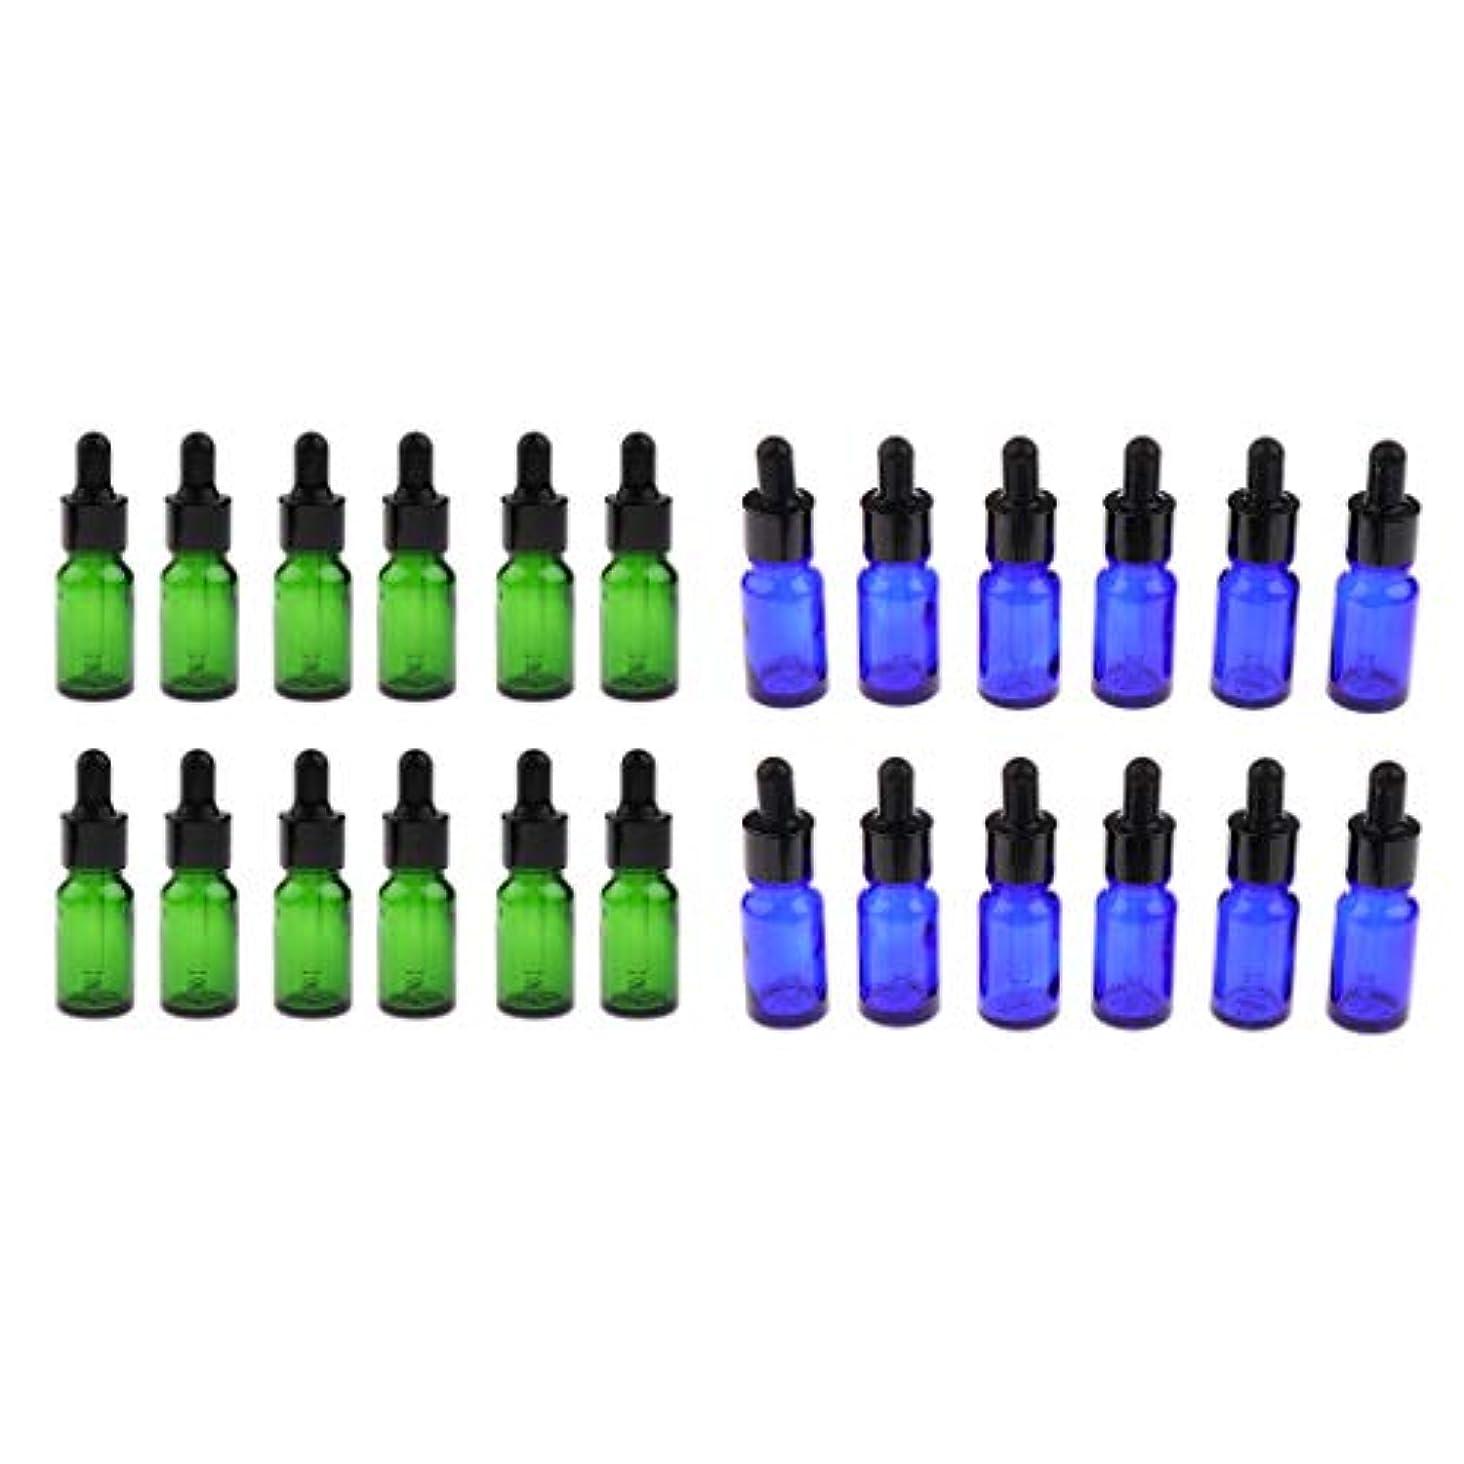 沈黙グローブ最も遠い5ml 10ml ガラスボトル 遮光ビン 精油瓶 アロマボトル 詰替え容器 化粧ボトル 約24個